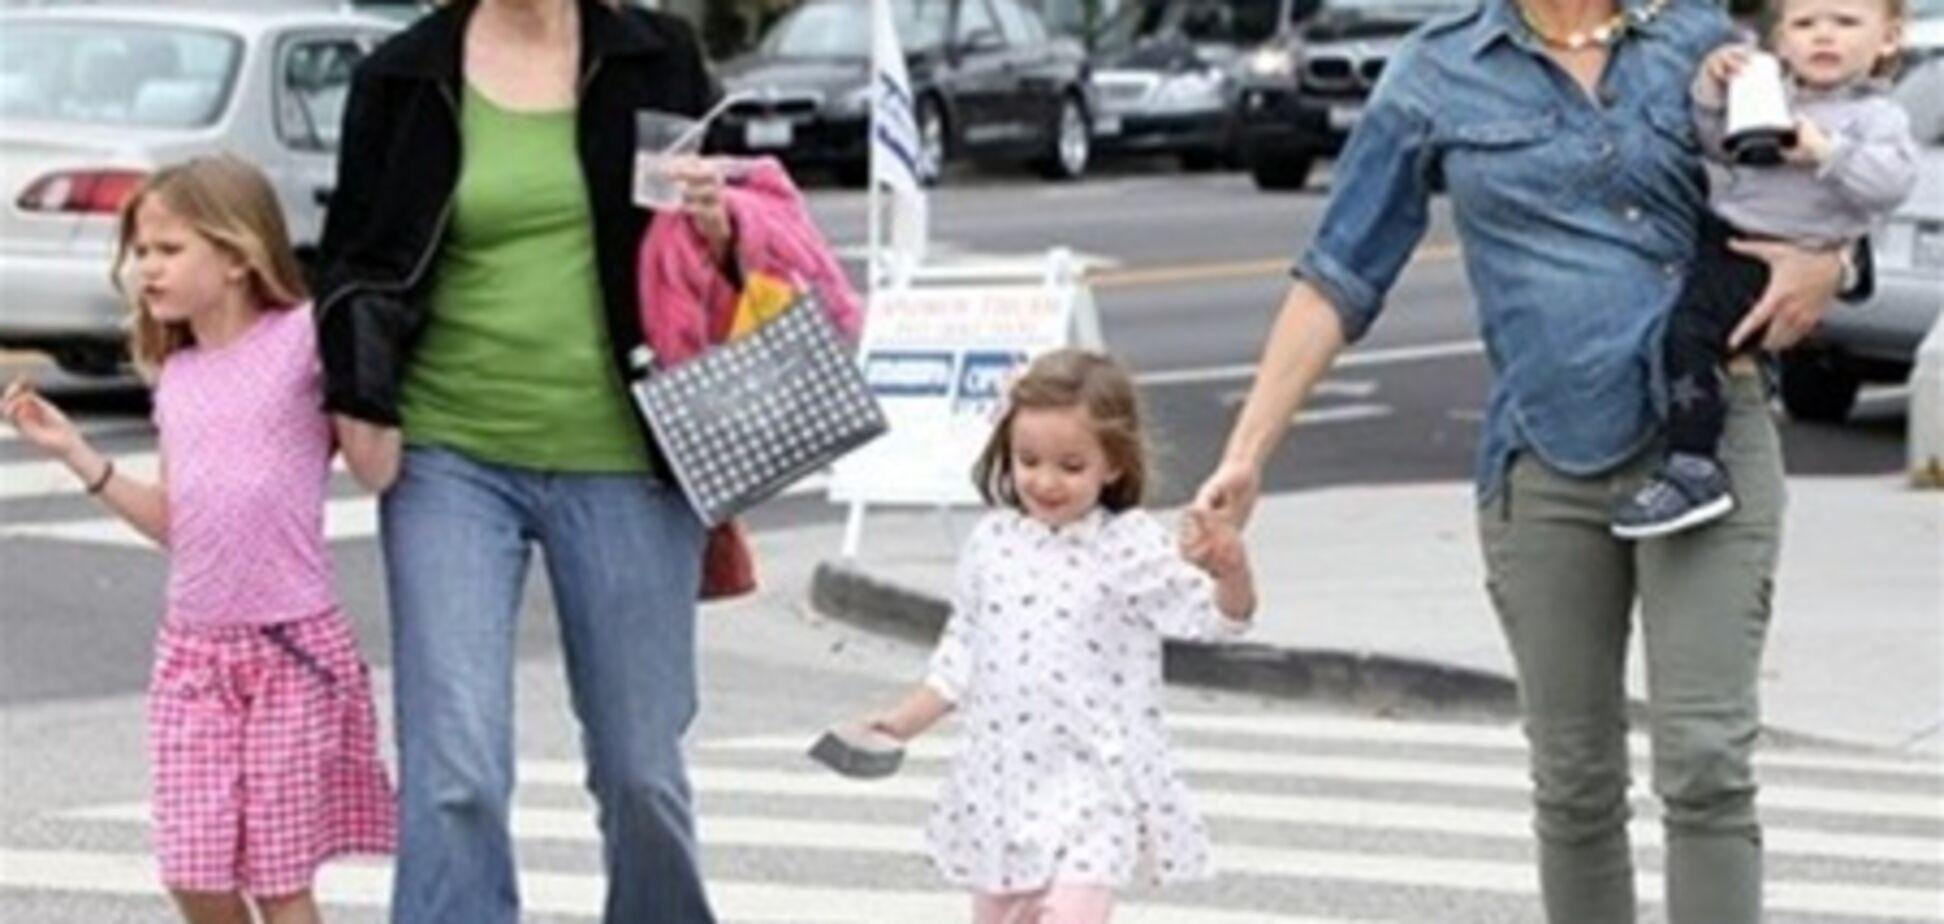 Дженнифер Гарнер отправилась на шоппинг с детьми